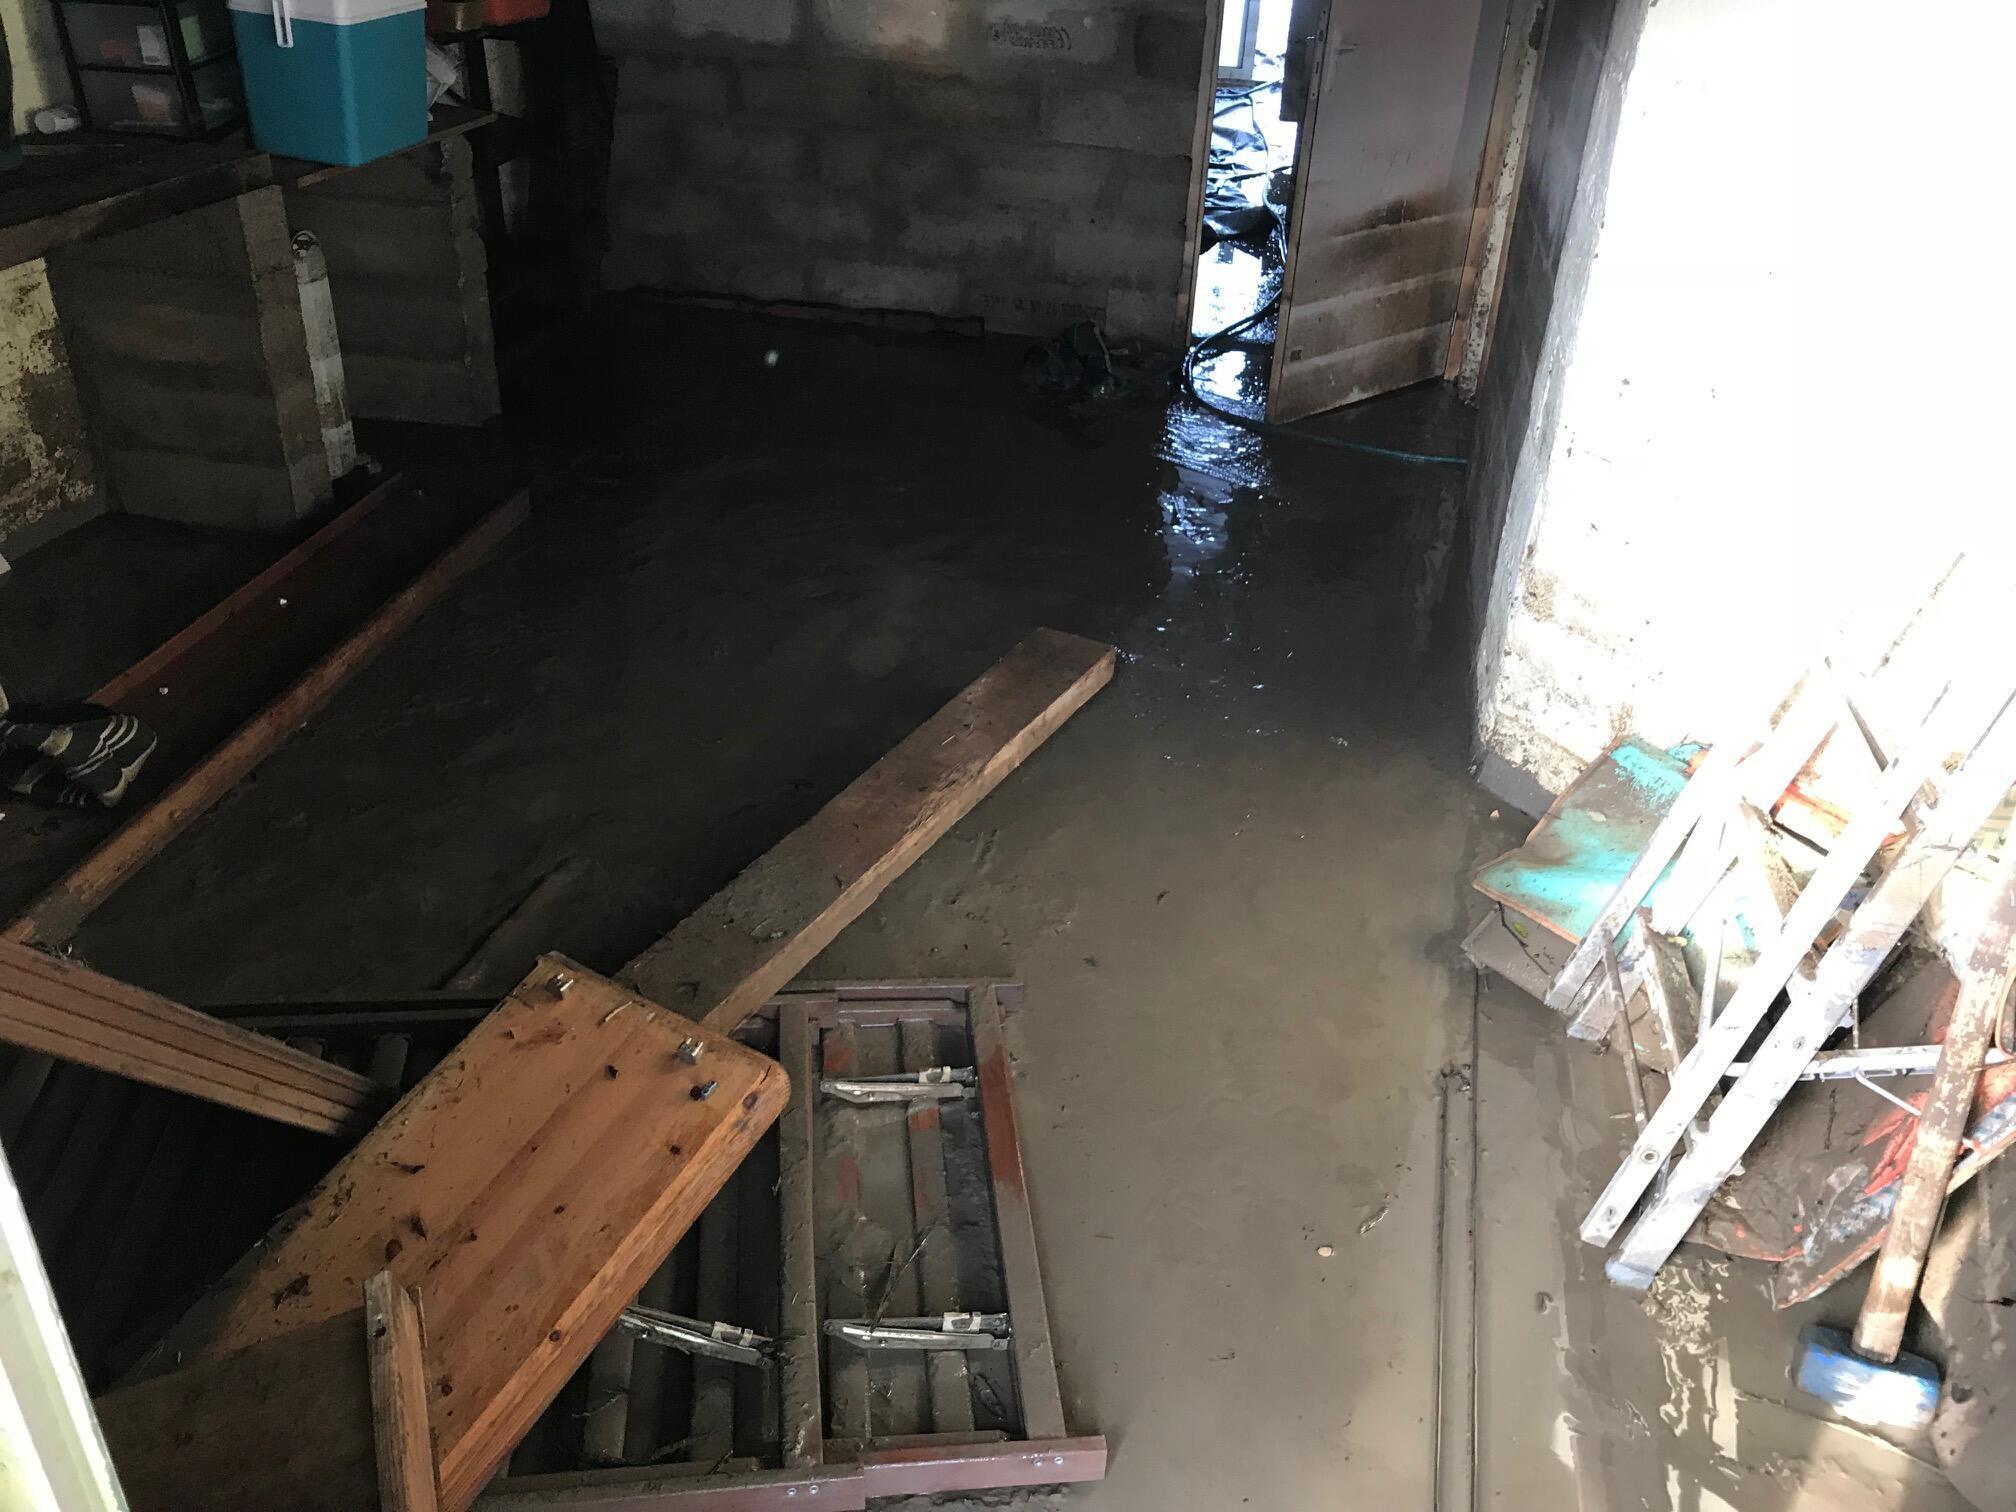 Une eau boueuse s'était infiltrée dans tout le rez-de-chausée de la maison.